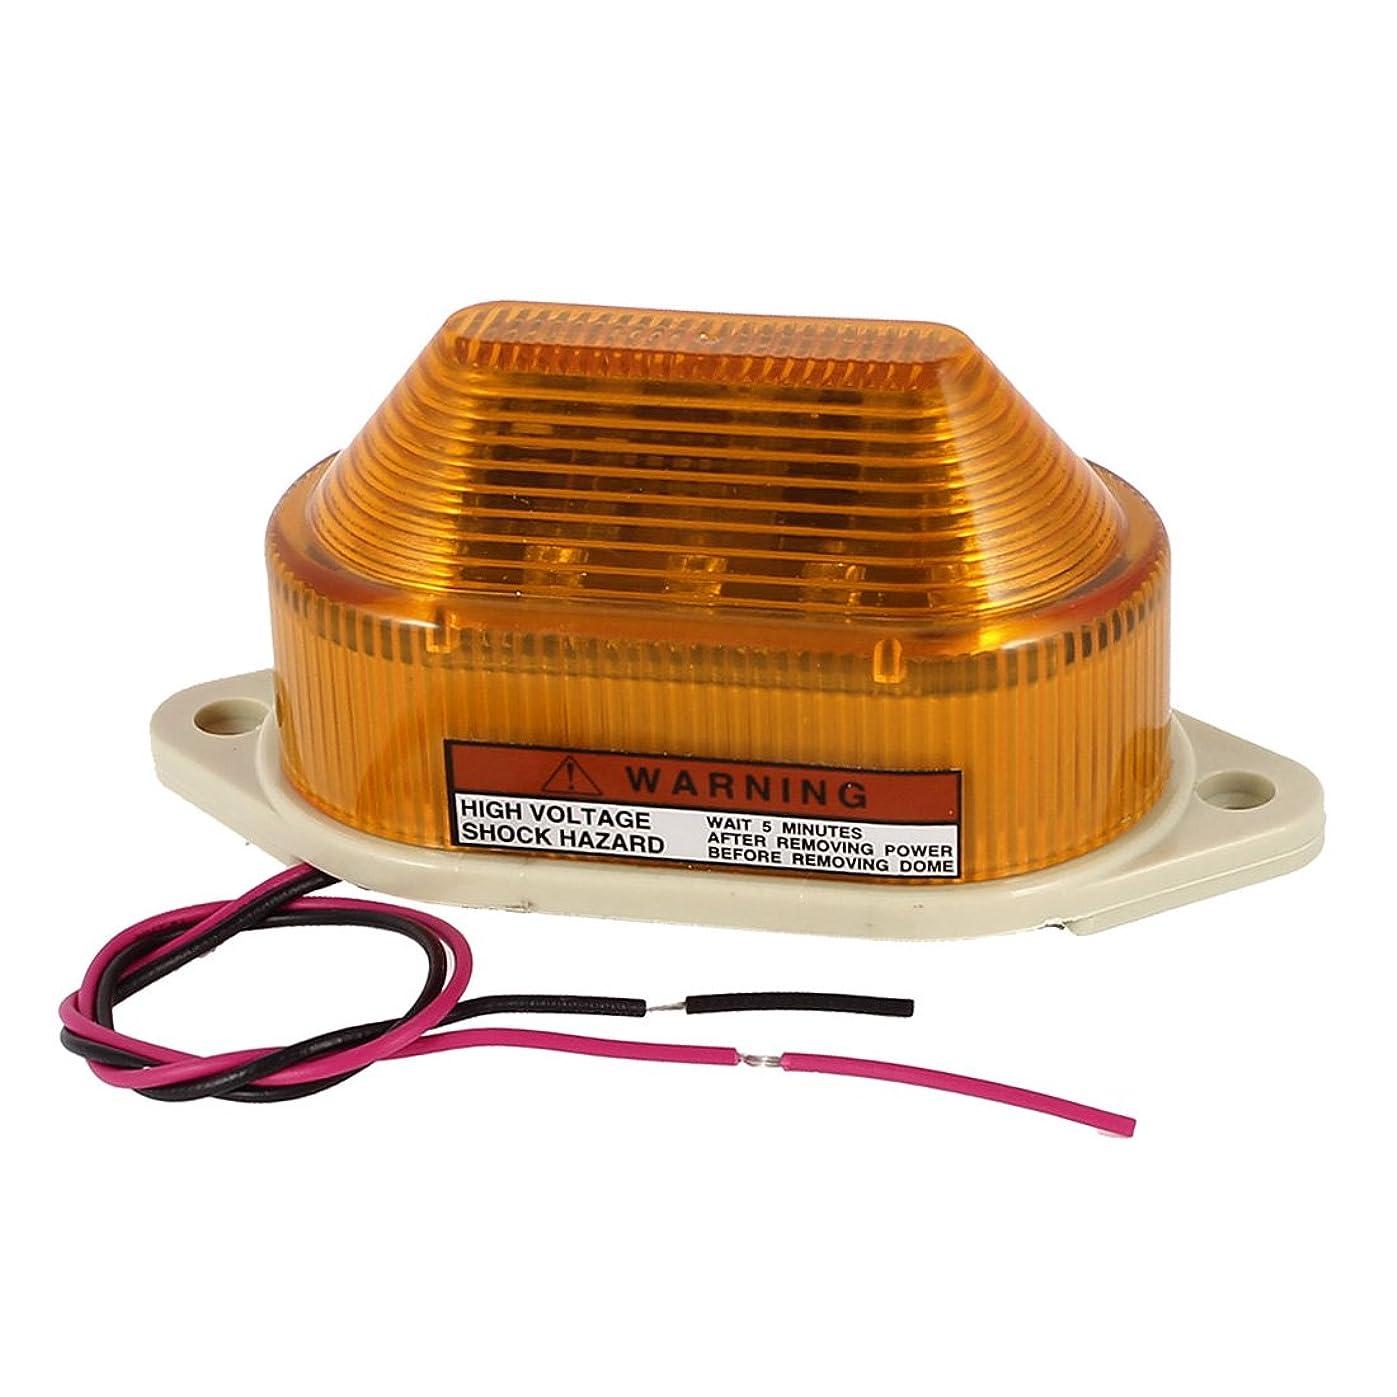 扇動そばに透けるuxcell 工業用信号灯 DC 24V LED フラッシュ?ストロボ 緊急 警報灯 イエロー LTE-5051